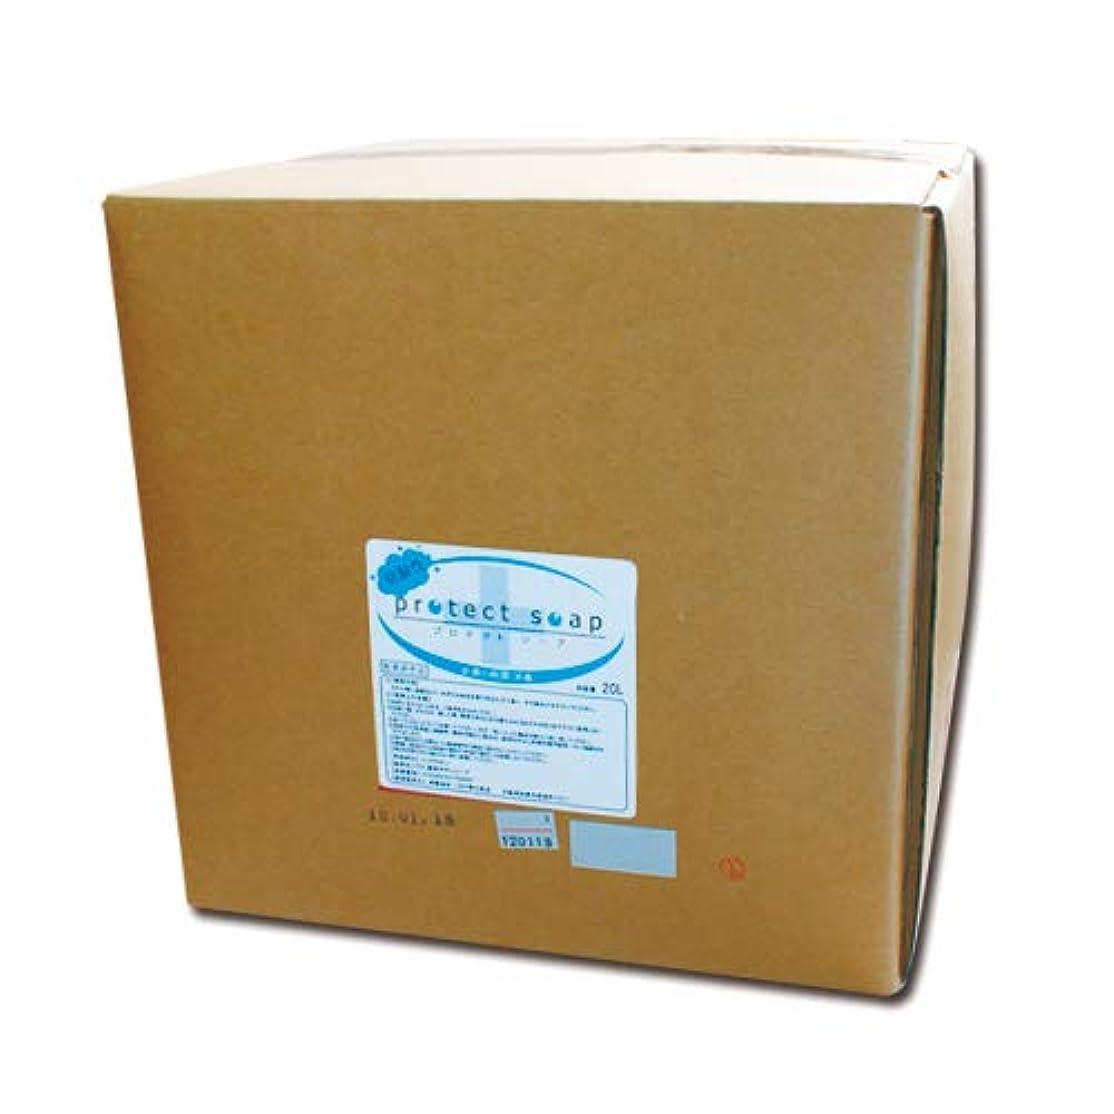 咳山アロング低刺激弱酸性 液体石鹸 プロテクトソープ 20L 業務用